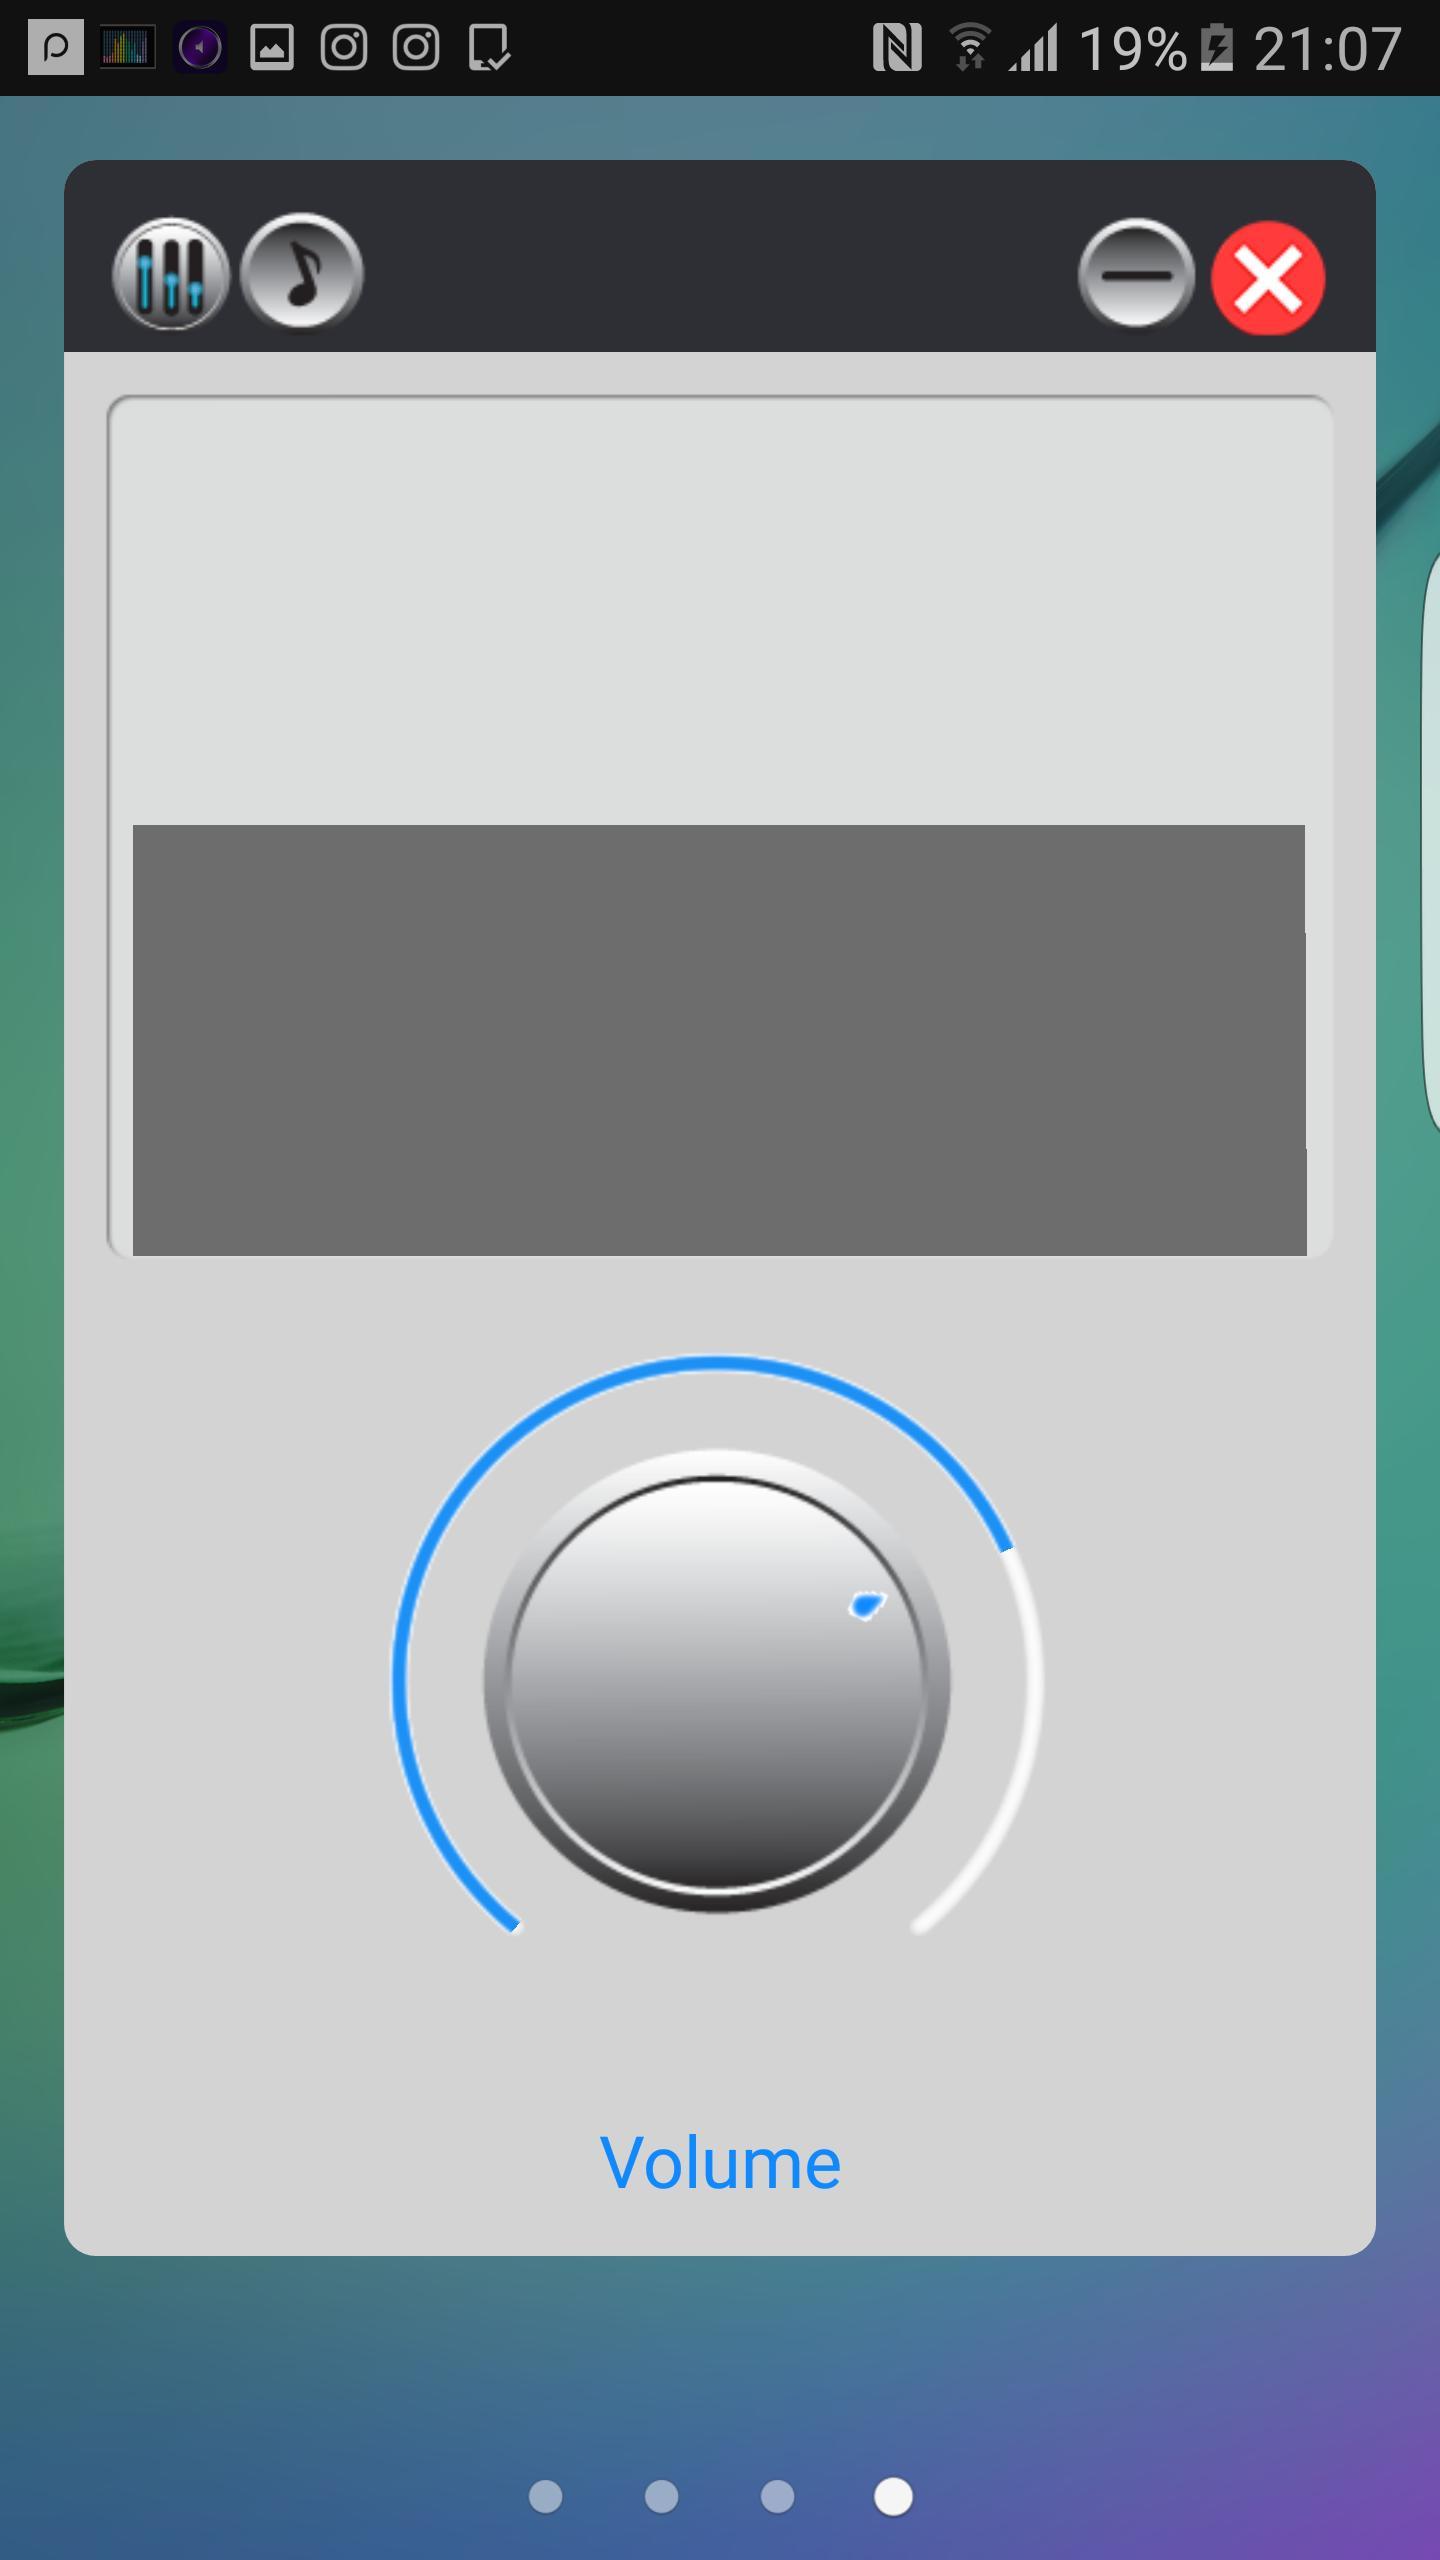 Equalizer bass booster pro apk download | Download Equalizer